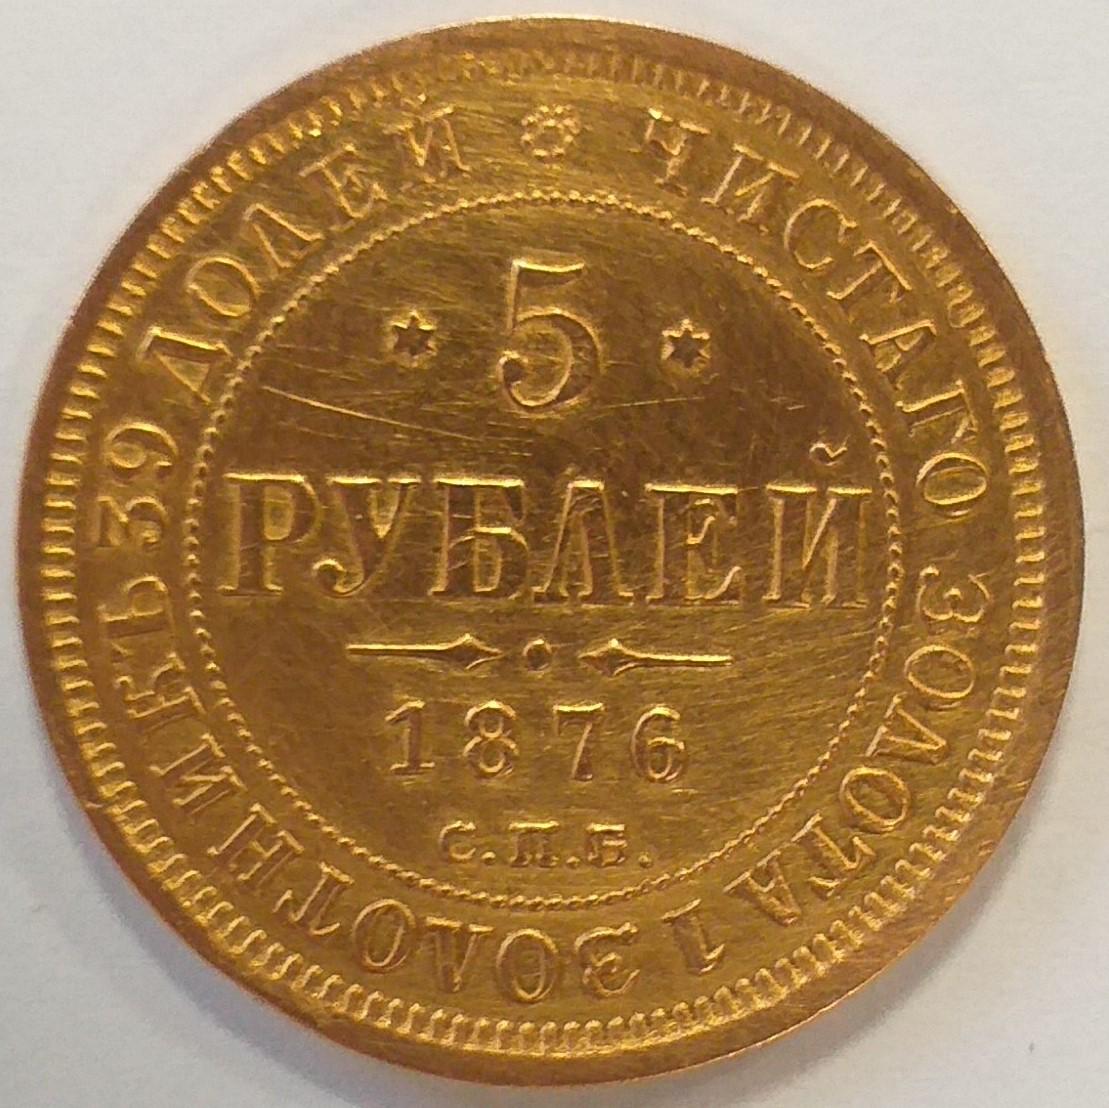 Златна монета Александър II 1876 г, Русия 5 рубли, пр.917, 6.54 гр.